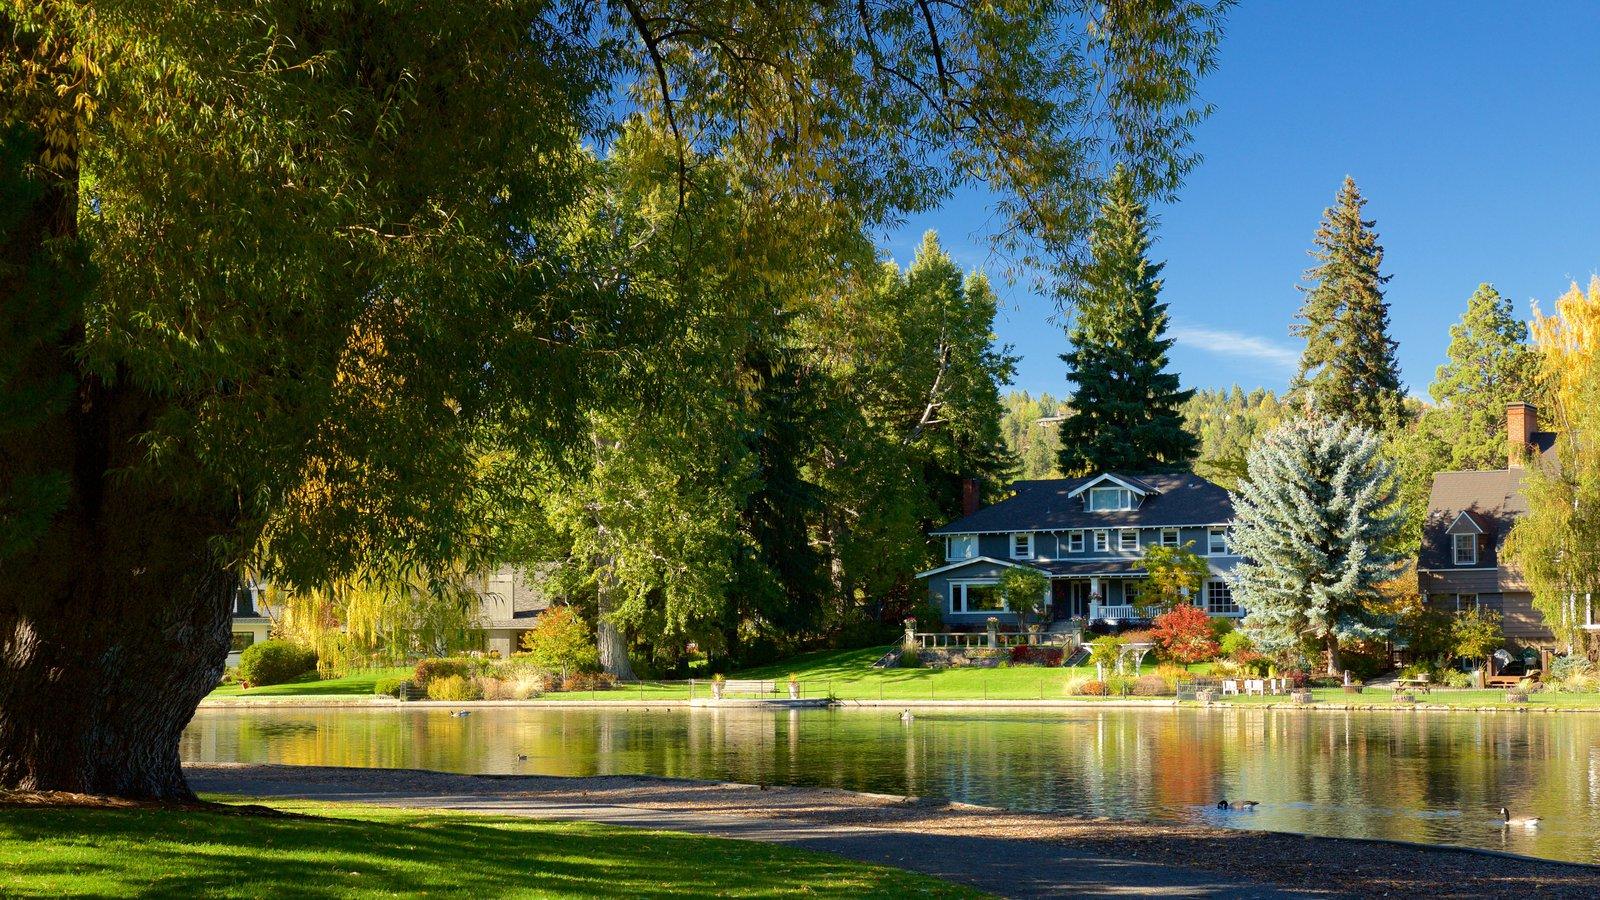 Drake Park ofreciendo un estanque y un parque